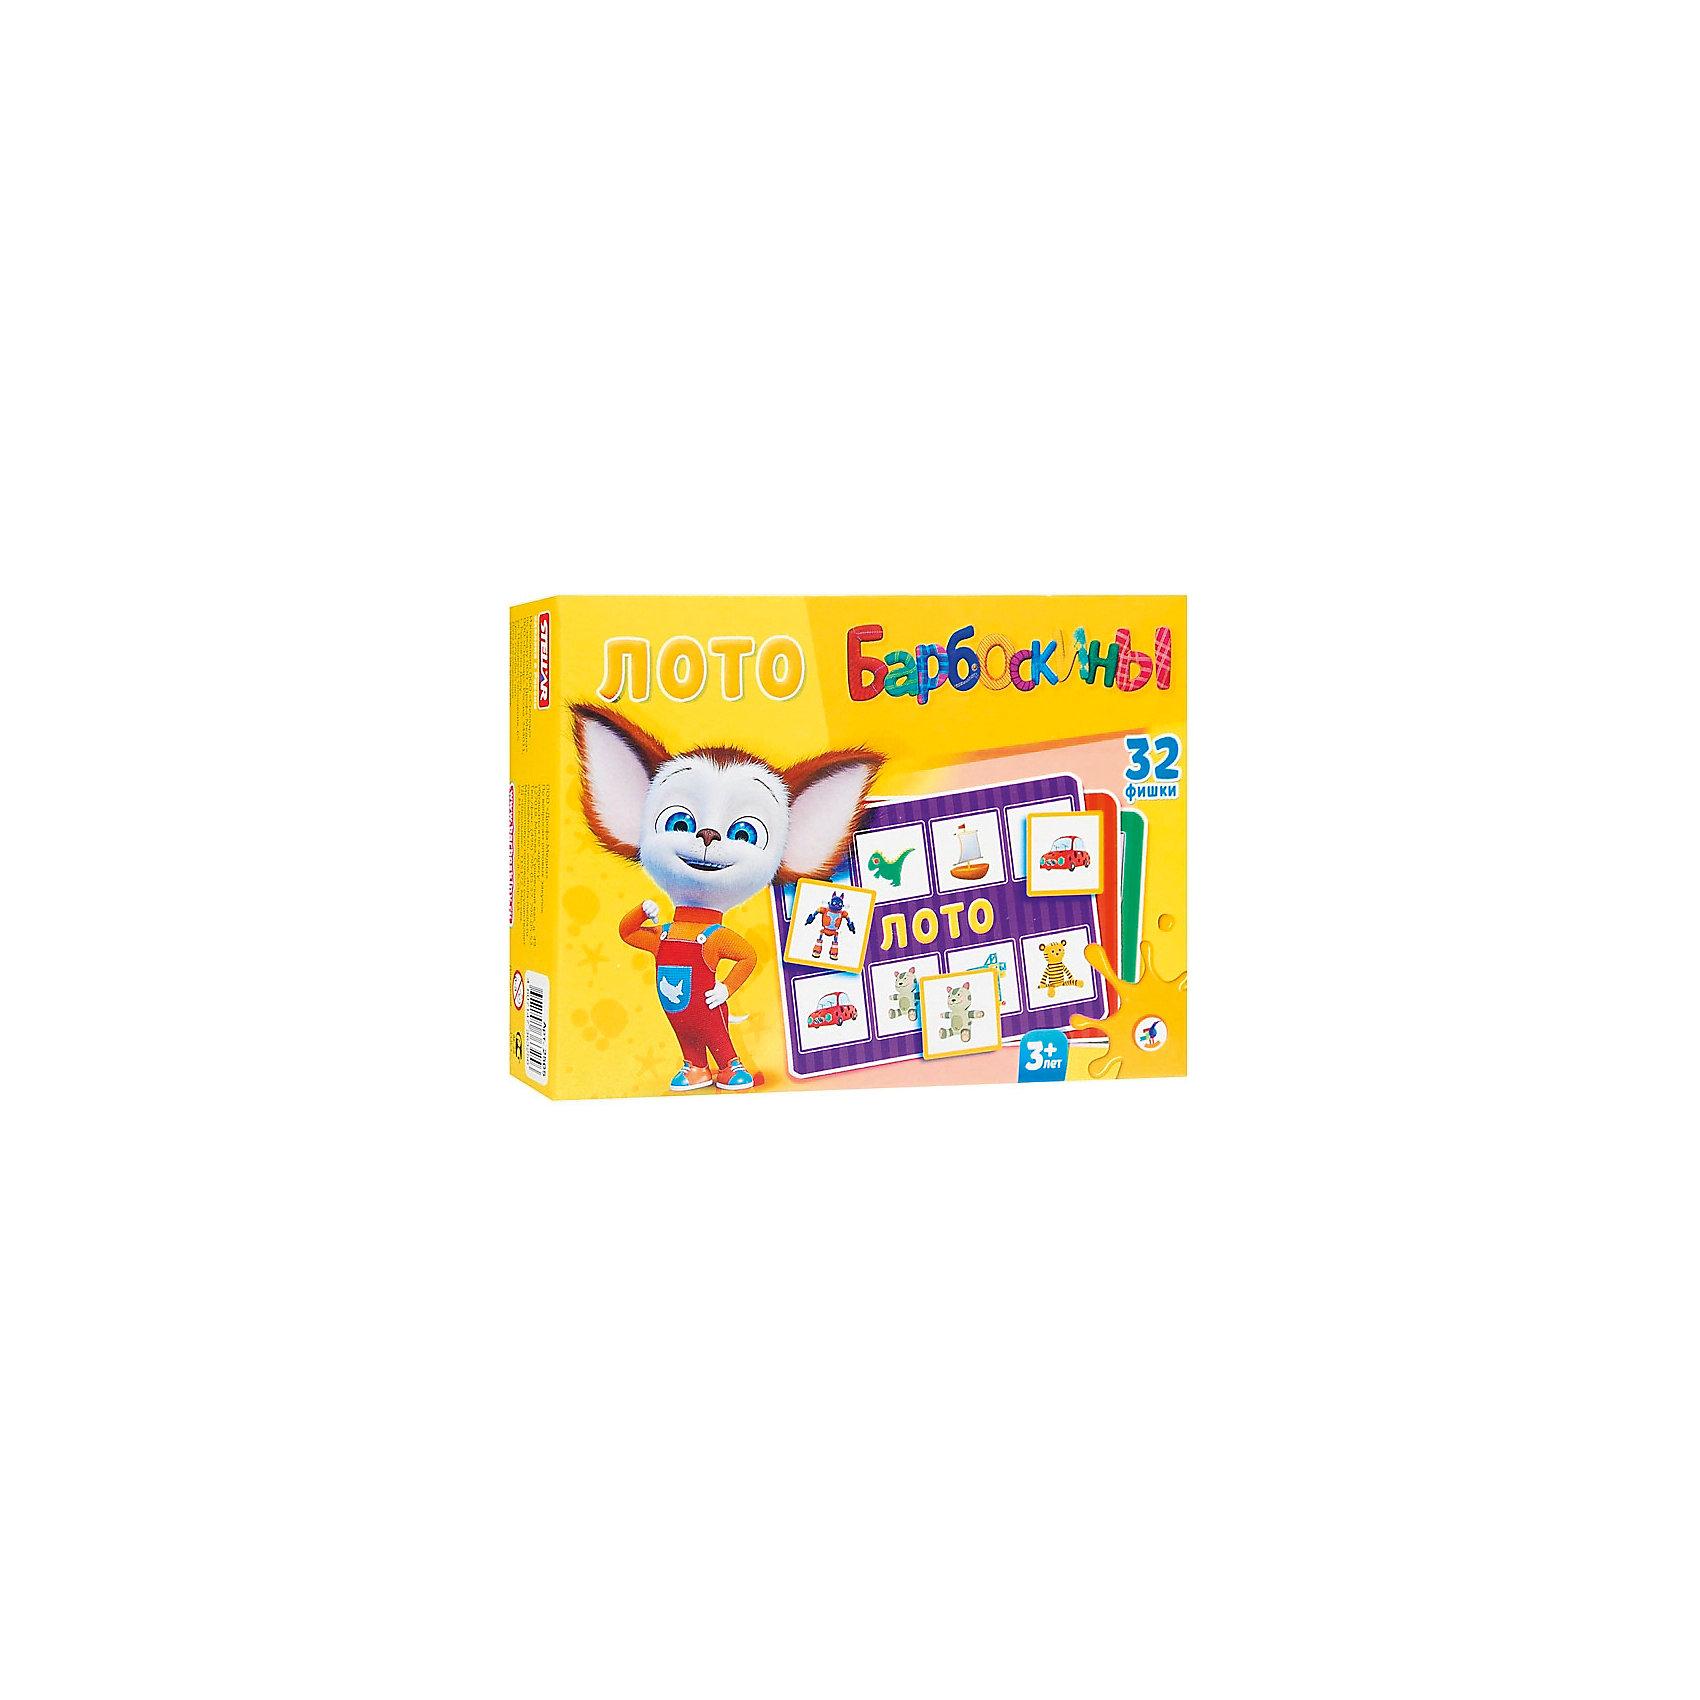 Лото пластиковое (32 фишки), БарбоскиныЛото пластиковое (32 фишки), Барбоскины - классическое игра-лото с любимыми героями, в которую можно играть всей семьей. Барбоскины - это большое семейство собак из популярного мультсериала Барбоскины, где у каждого персонажа свой характер и особенности. В игре могут участвовать до четырех игроков. Перед началом игры фишки складываются в мешочек, а игрокам поровну раздаются карточки с картинками, соответствующими изображениям на фишках. Ведущий достаёт фишки из мешка, а игроки накрывают ими совпавшие изображения на карточках. Выигрывает участник, который первым накроет фишками все картинки. <br><br>Дополнительная информация:<br><br>- В комплекте 32 фишки.<br>- Серия: Барбоскины.<br>- Материал: полистирол.<br>- Размер упаковки: 12,5 x 17 x 3,8 см.<br>- Вес: 176 гр.<br><br>Лото пластиковое (32 фишки), Барбоскины, можно купить в нашем интернет-магазине.<br><br>Ширина мм: 125<br>Глубина мм: 38<br>Высота мм: 170<br>Вес г: 125<br>Возраст от месяцев: 36<br>Возраст до месяцев: 144<br>Пол: Унисекс<br>Возраст: Детский<br>SKU: 3998679